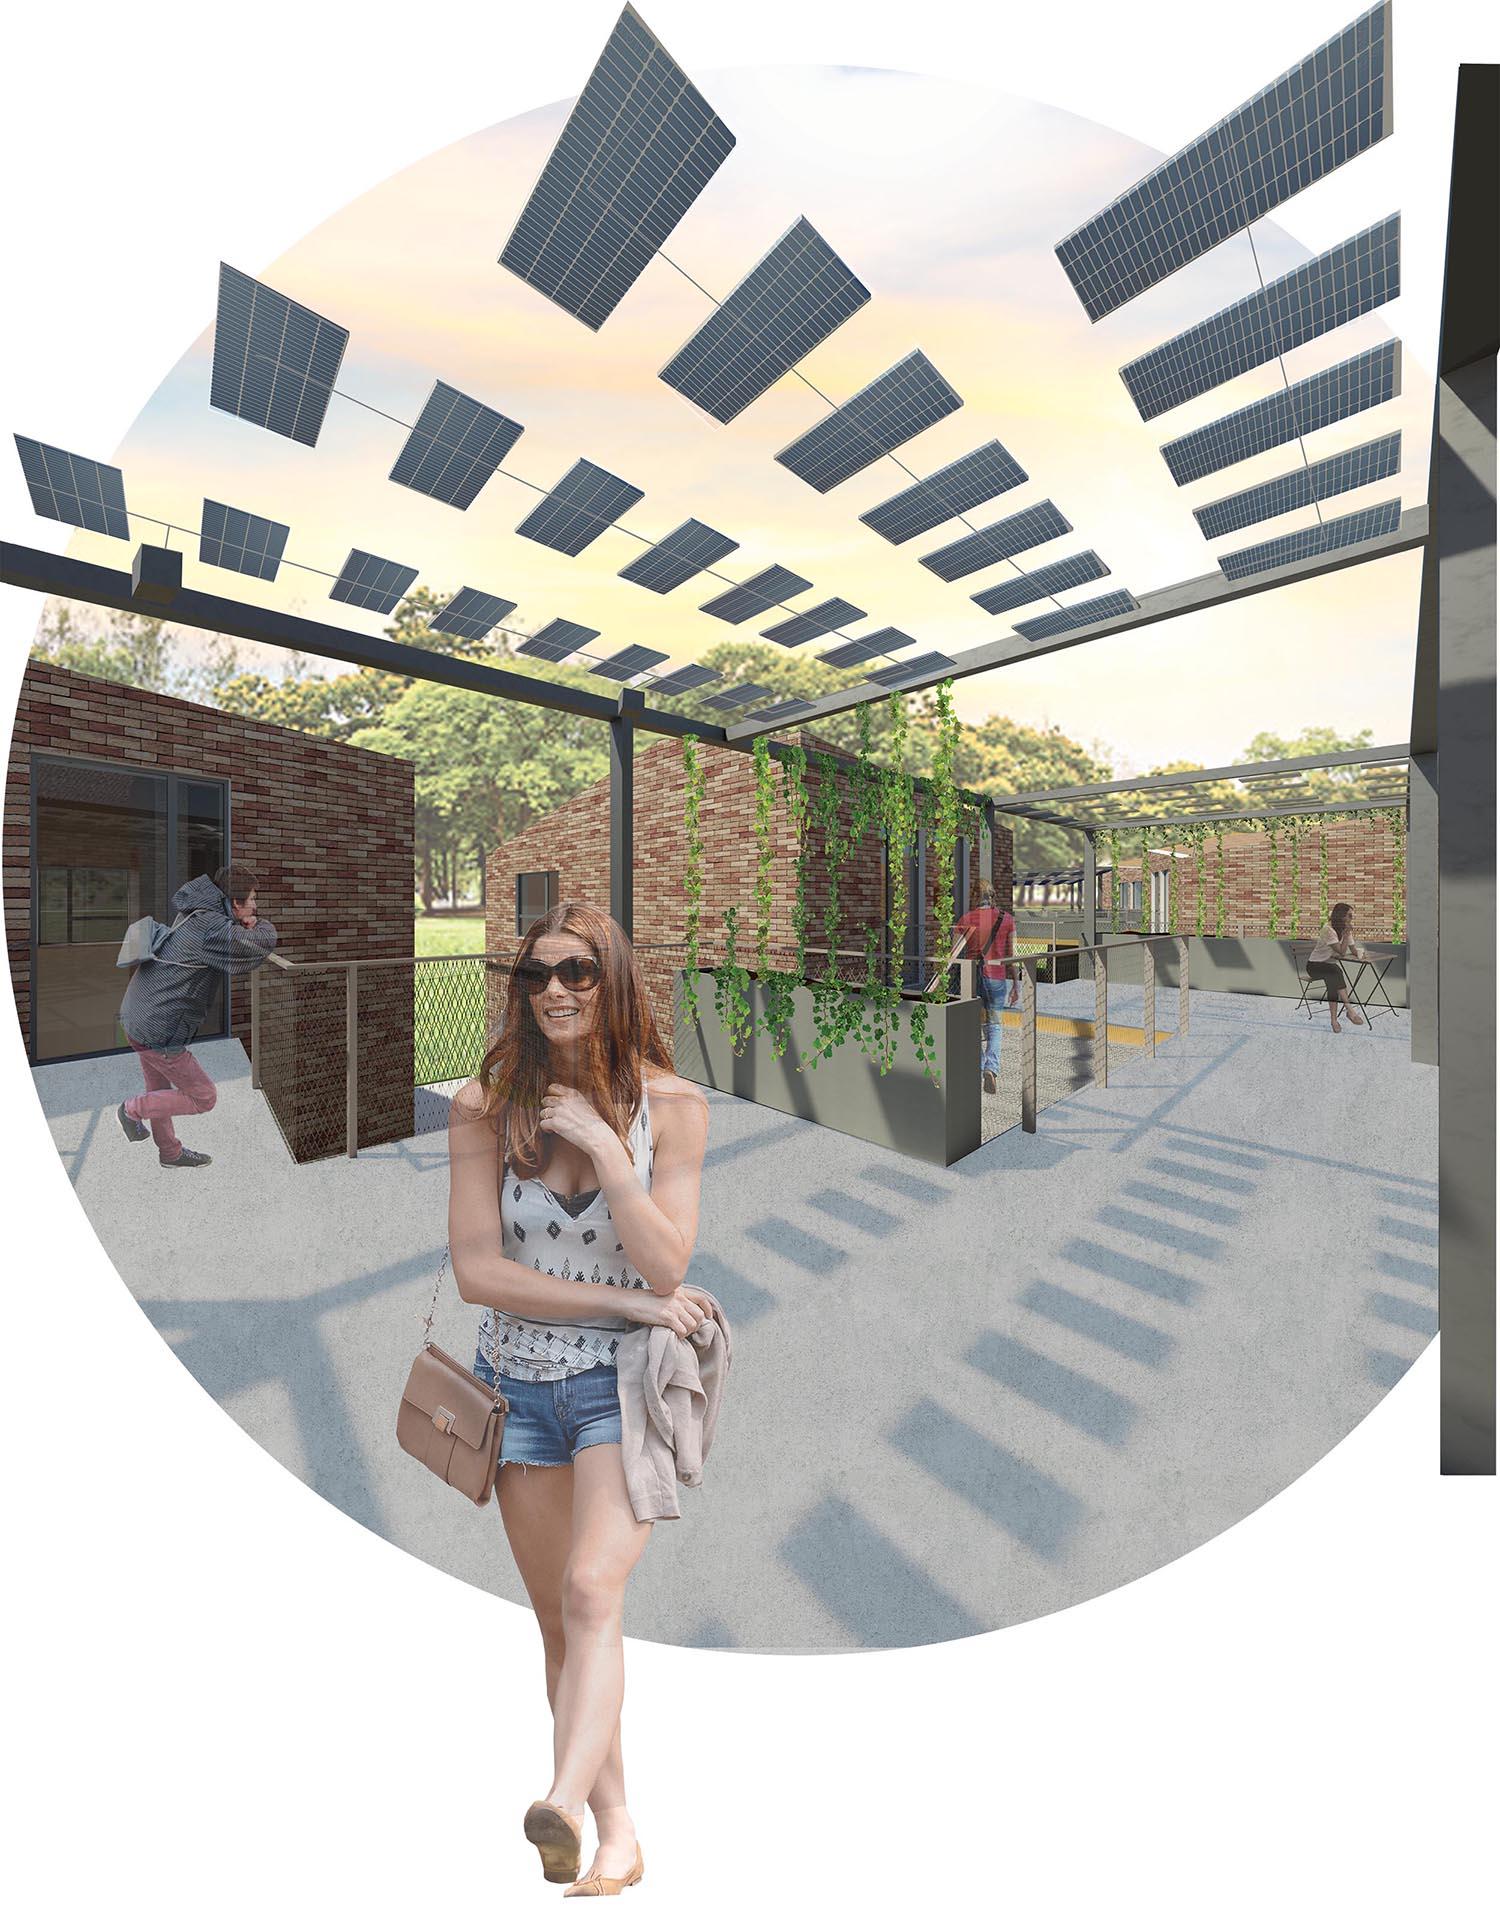 Seuil architecture - Eco-campus de l'école supérieure de La Raque - Des espaces interconnectés